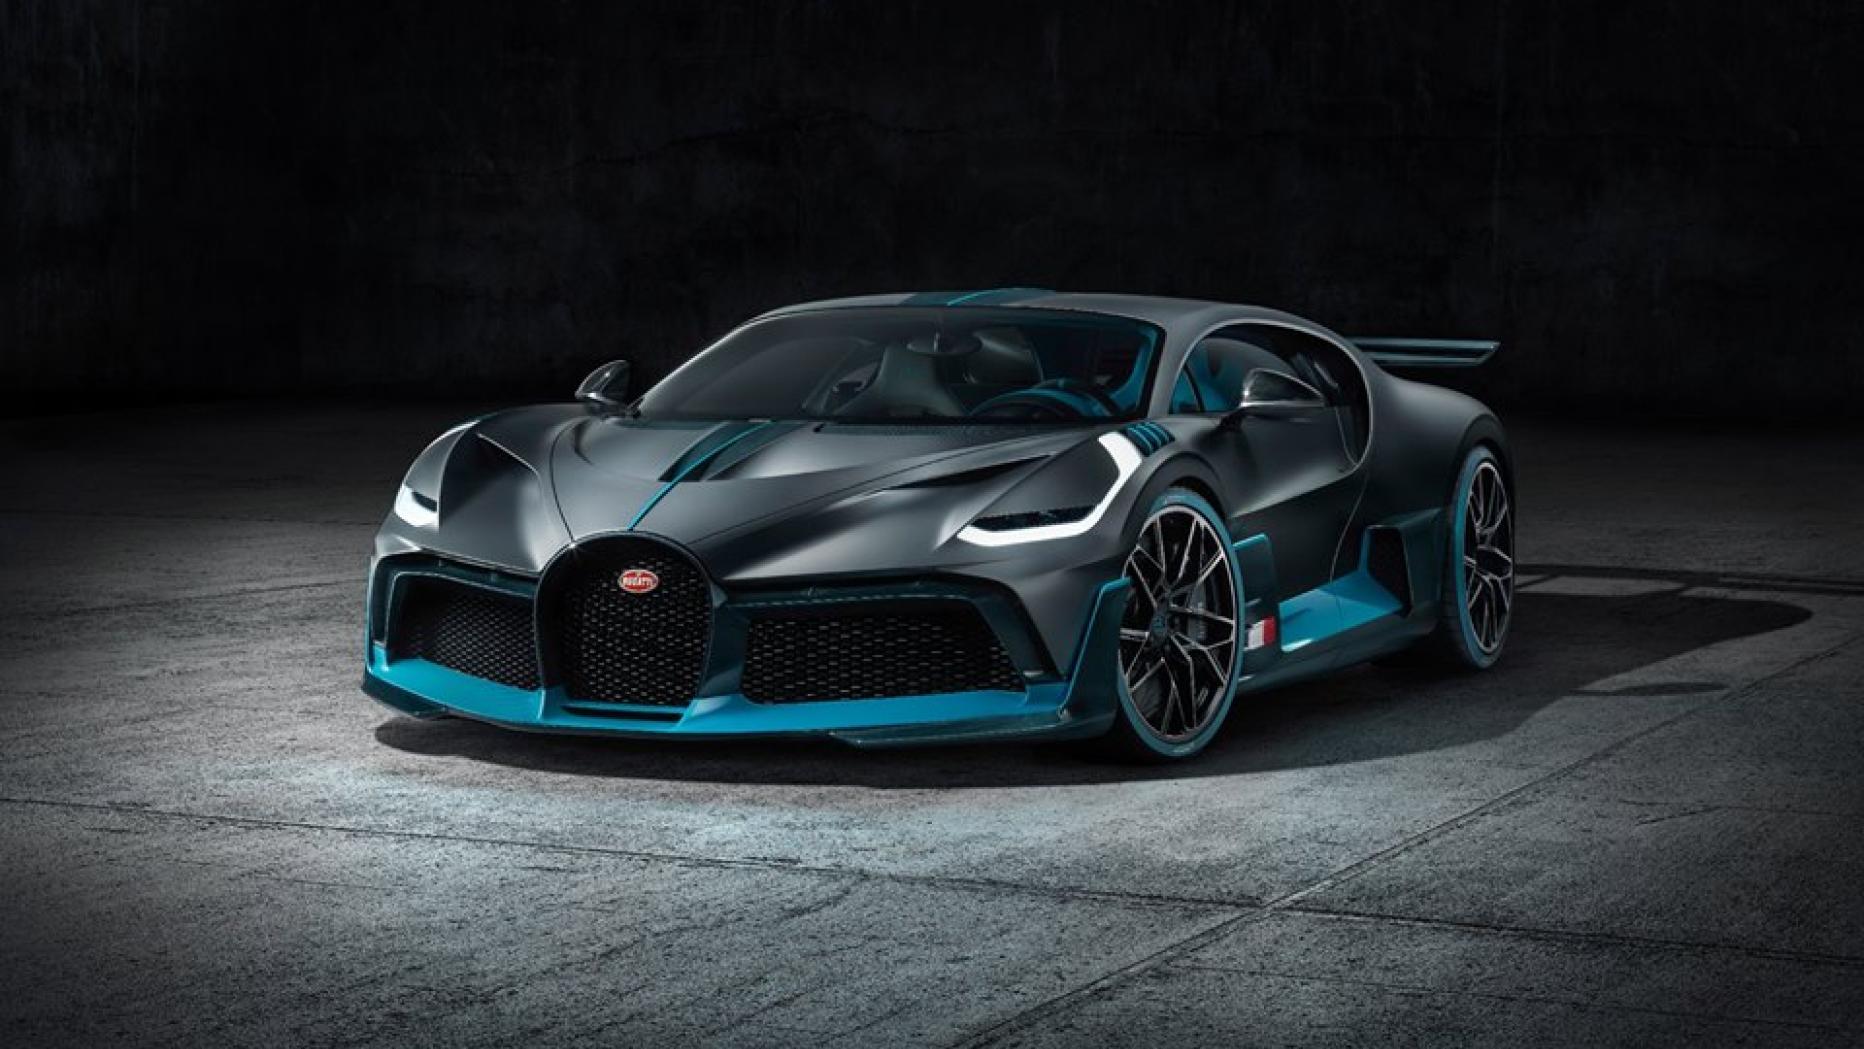 new styles 28fb0 c0a5b Neuer Bugatti Divo: 5 Millionen Euro teuer und schon ...